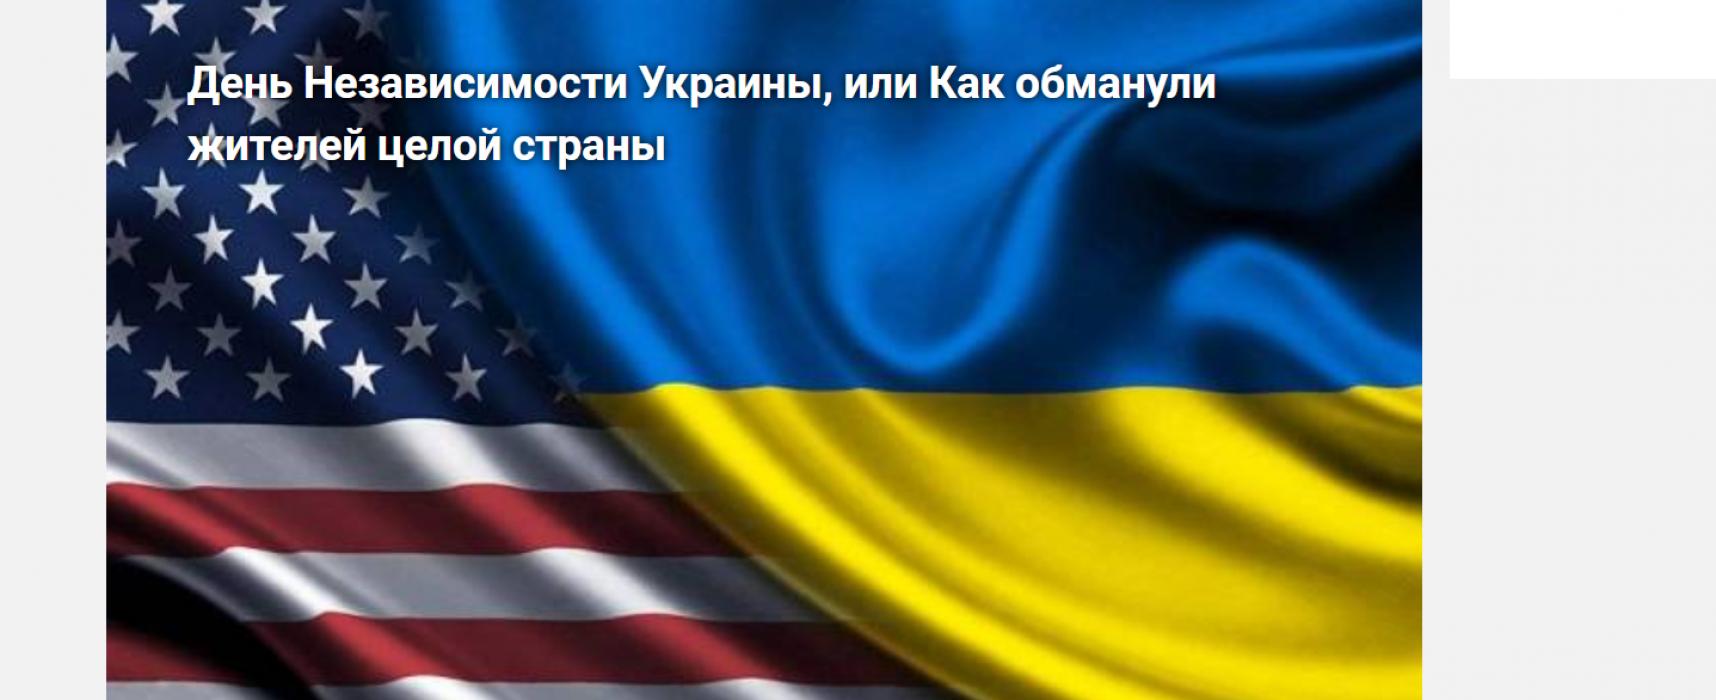 «Ось яка незалежність на Україні! Дивись, Білорусь!»: Російські ЗМІ про День Незалежності України і протести в Білорусі